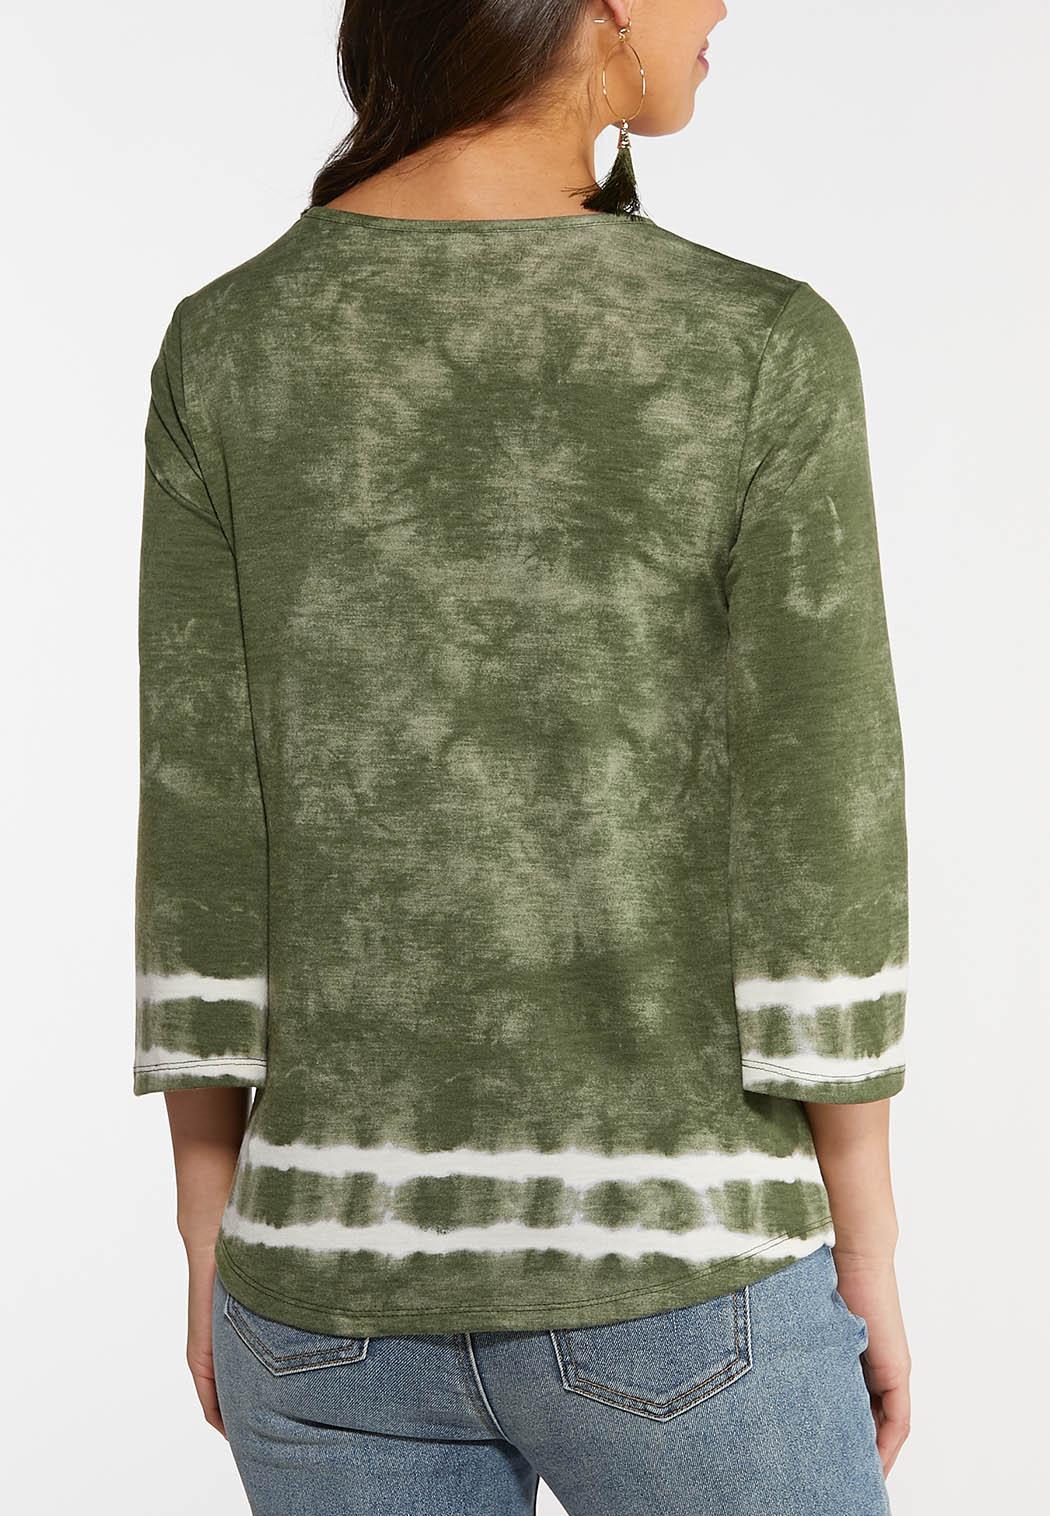 Plus Size Tie Dye Cutout Top (Item #44127338)